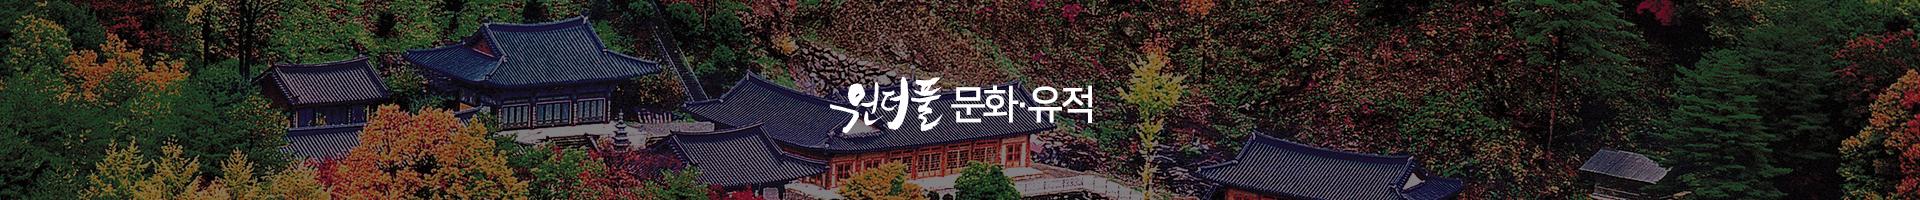 원더풀 문화·유적. 2018 삼척 방문의 해! 신비하고 아름다운 삼척을 즐기자!